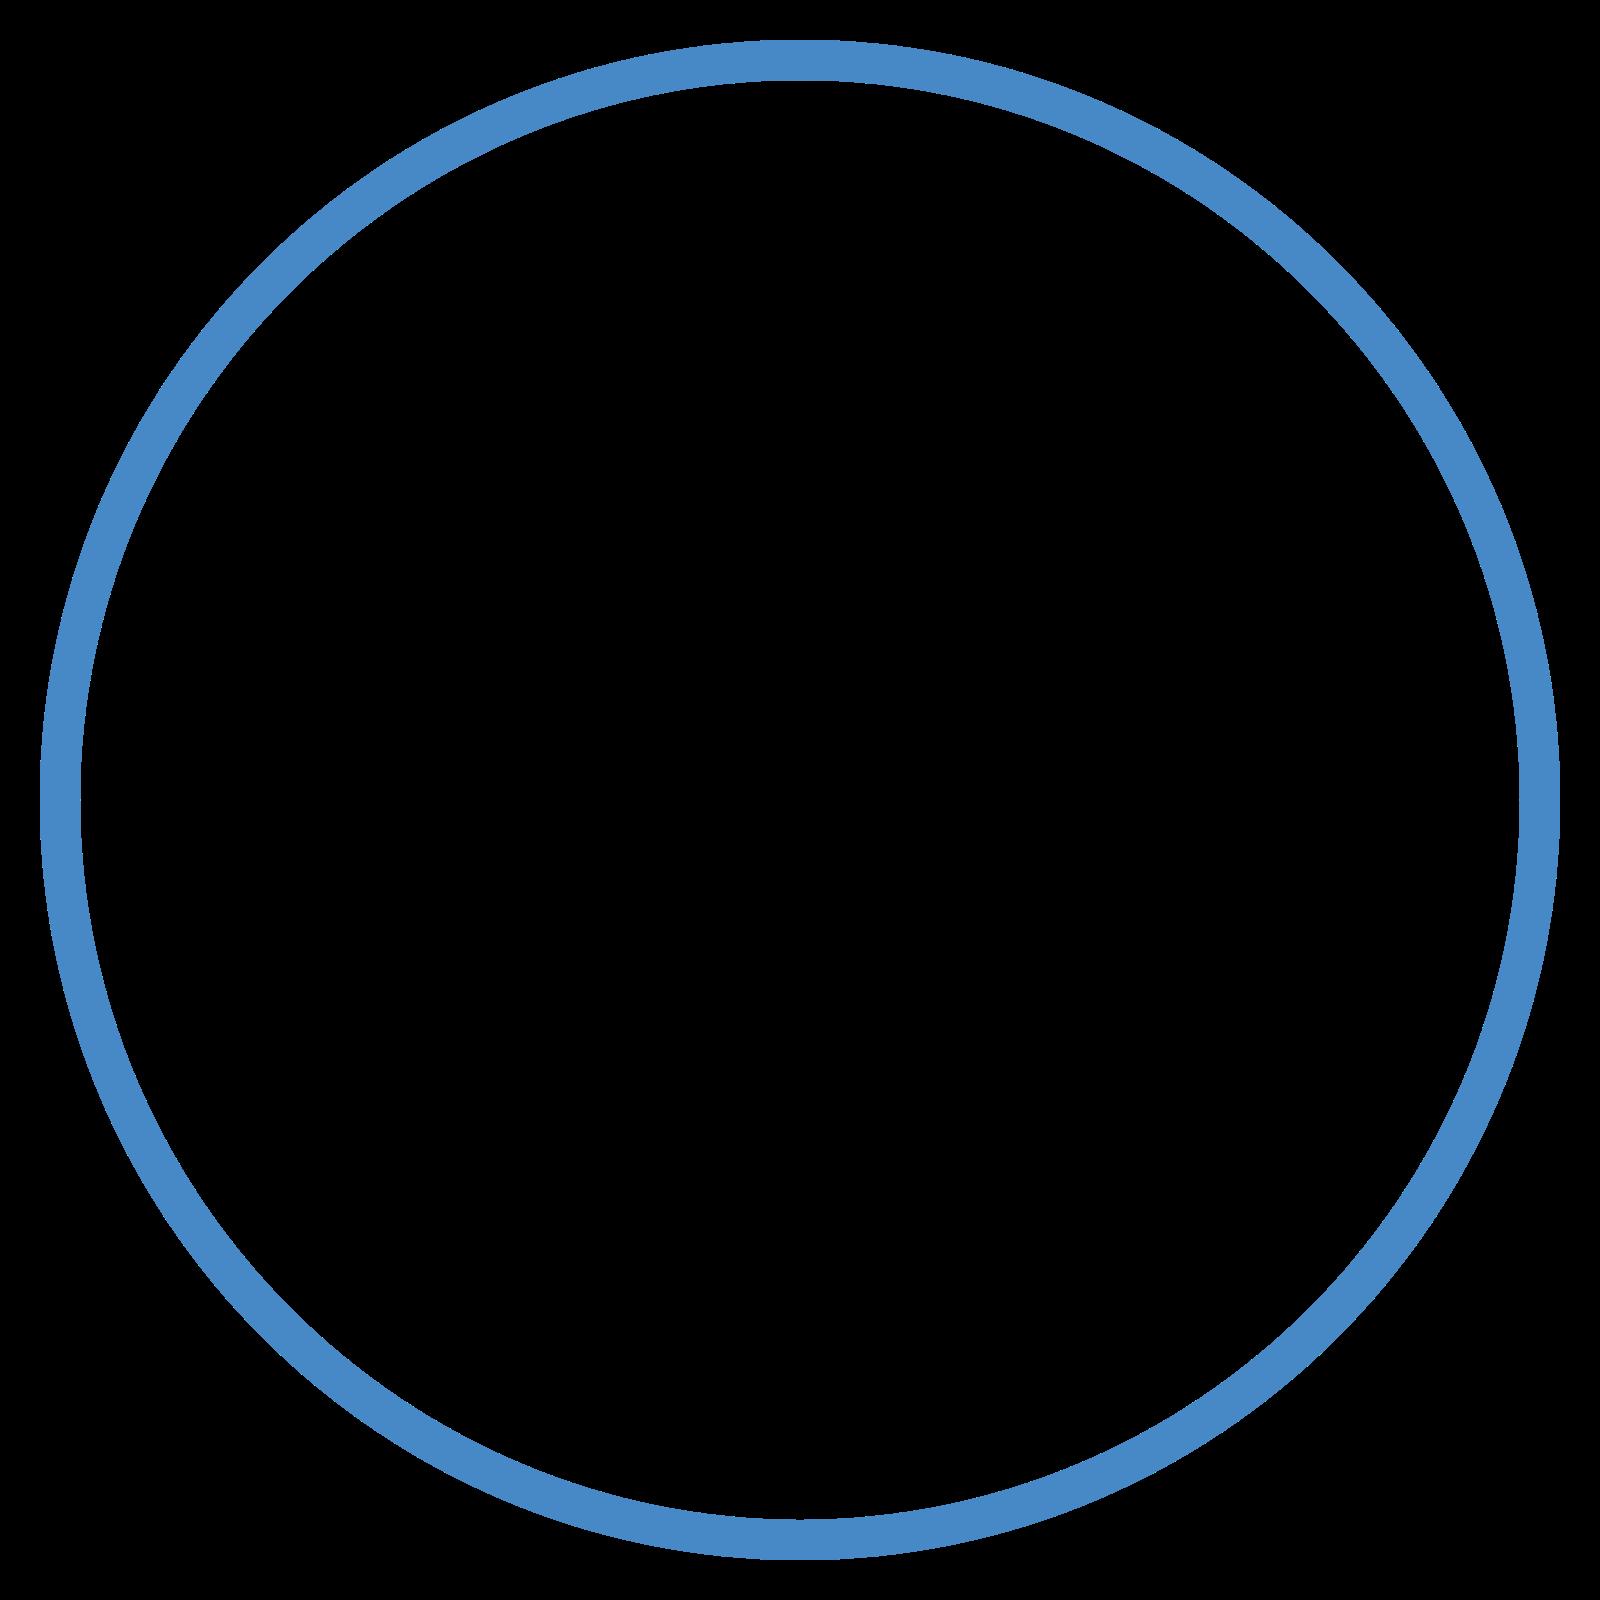 Circle PNG - 25487